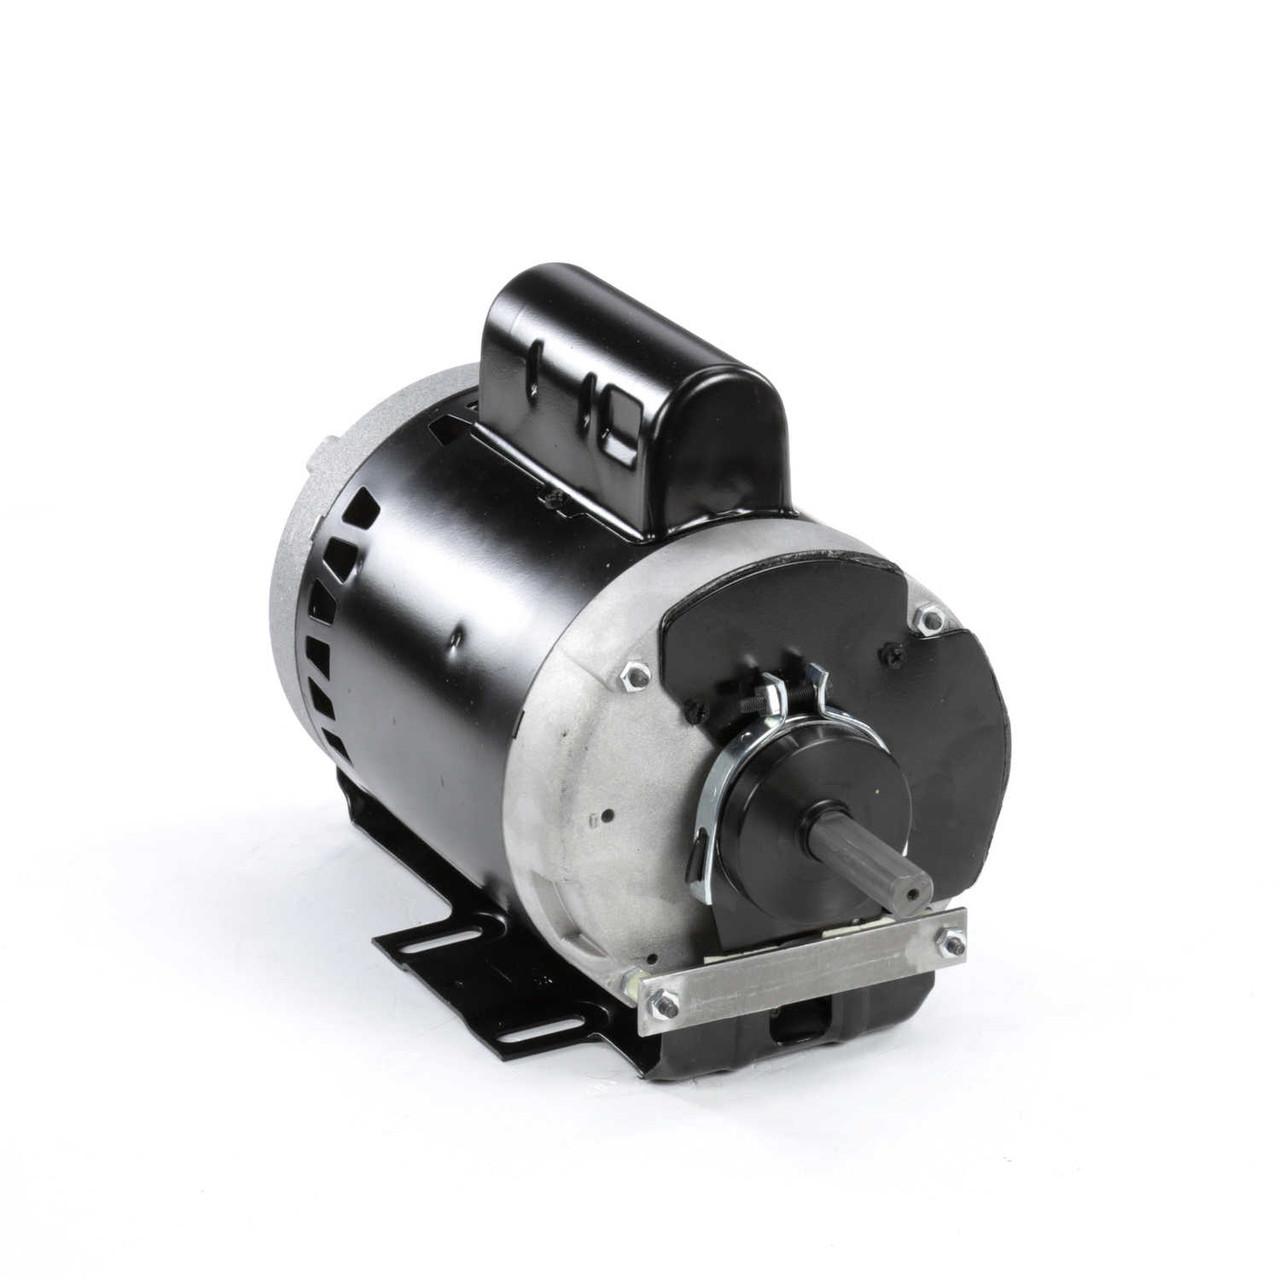 Kramer Trenton Condenser Fan Motor 3/4 hp 1075 RPM 208-230/460V Century on